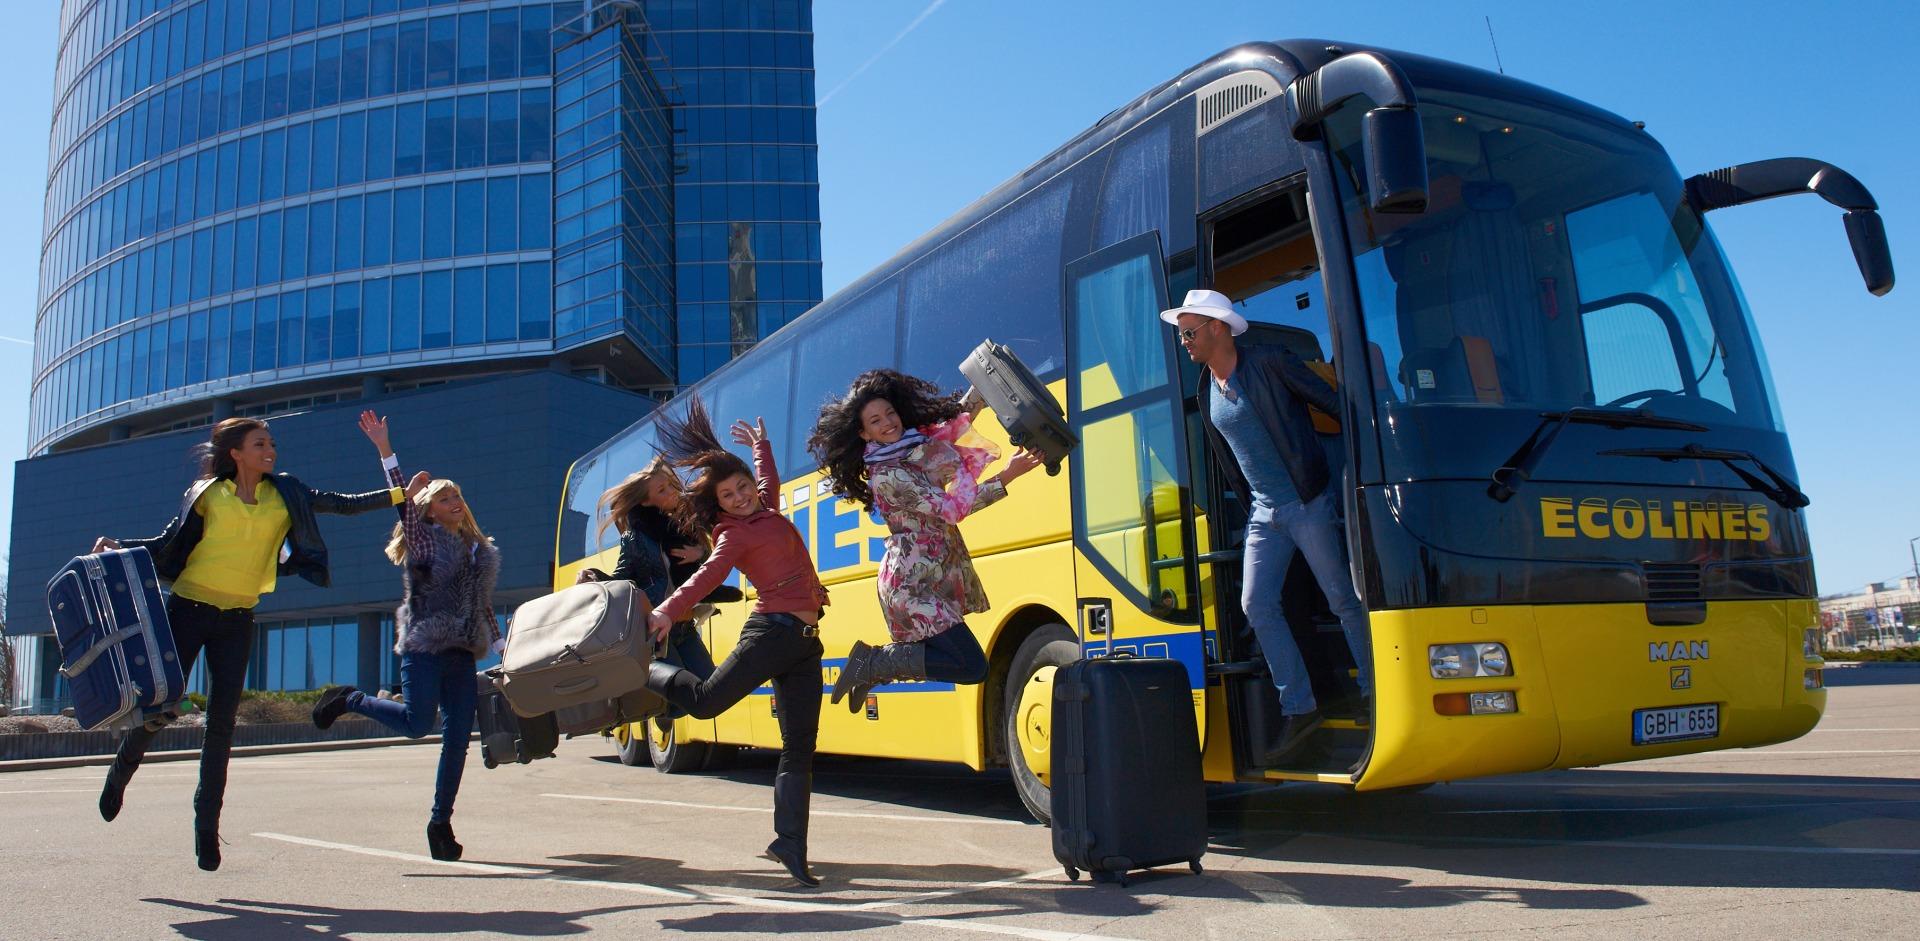 Билеты на автобус до Черного моря 2021 Архипо-Осиповка,Геленджик